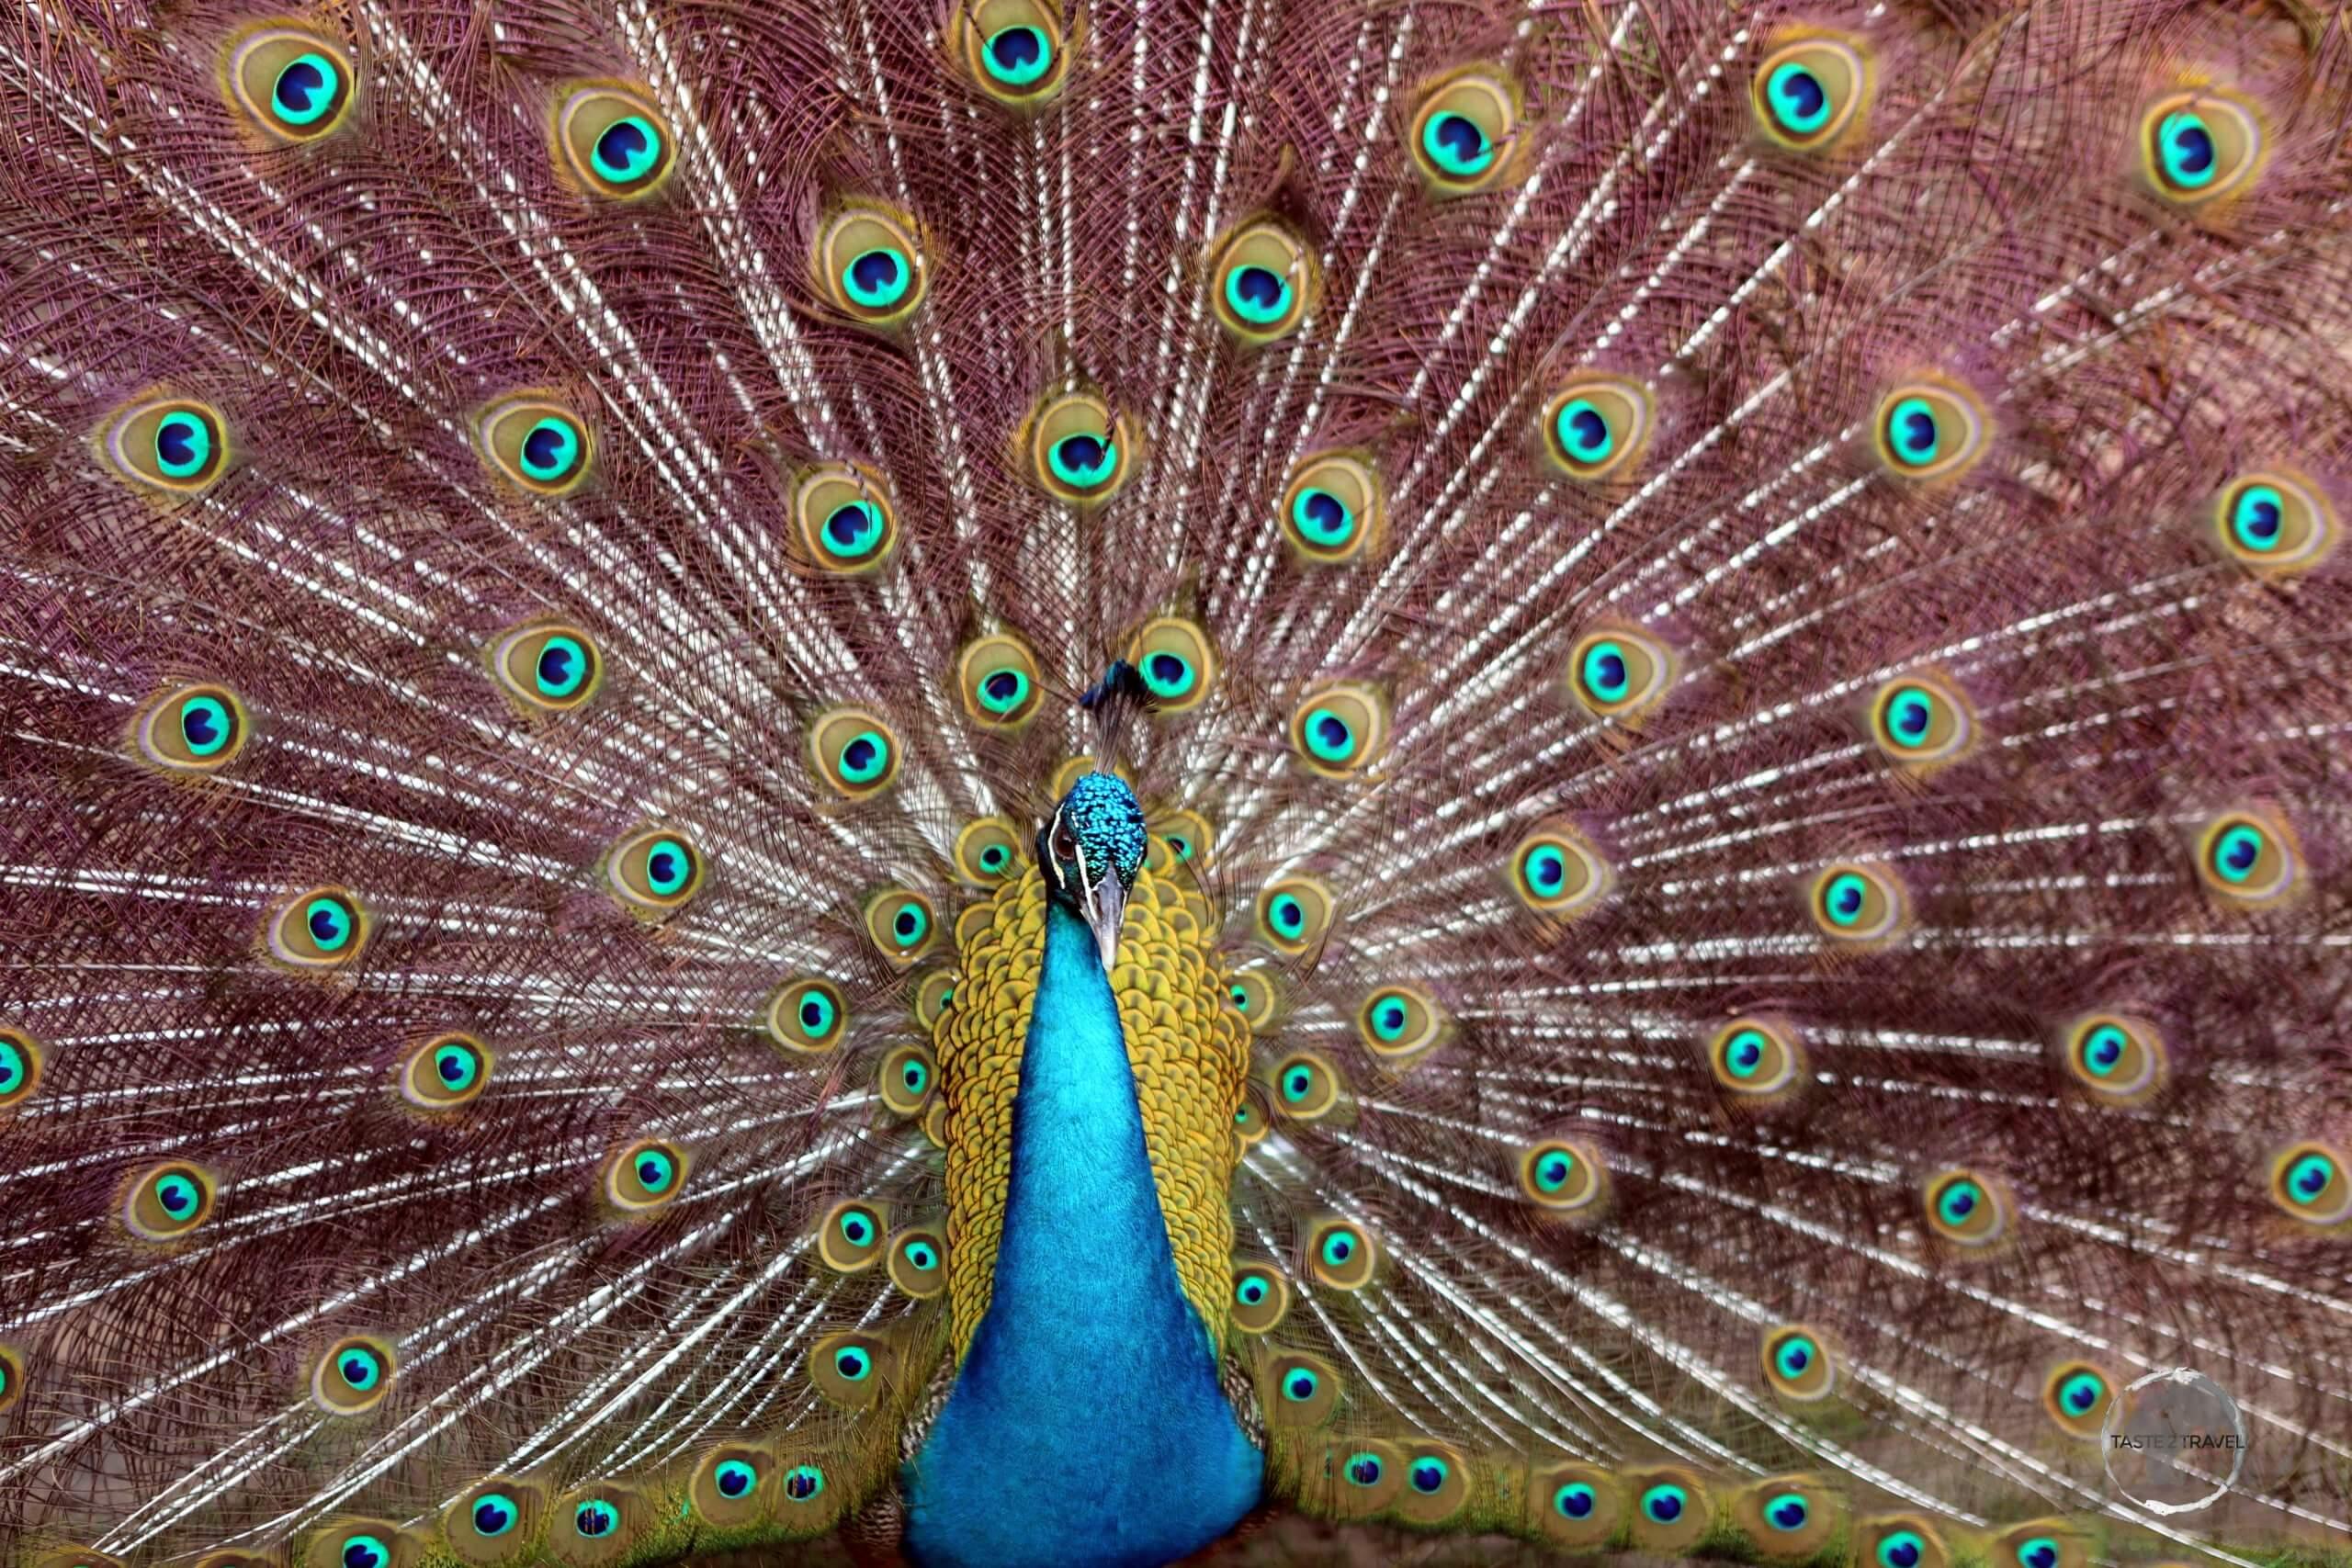 A peacock at Pipa Beach, a highlight of the Brazilian state of Rio Grande do Norte.